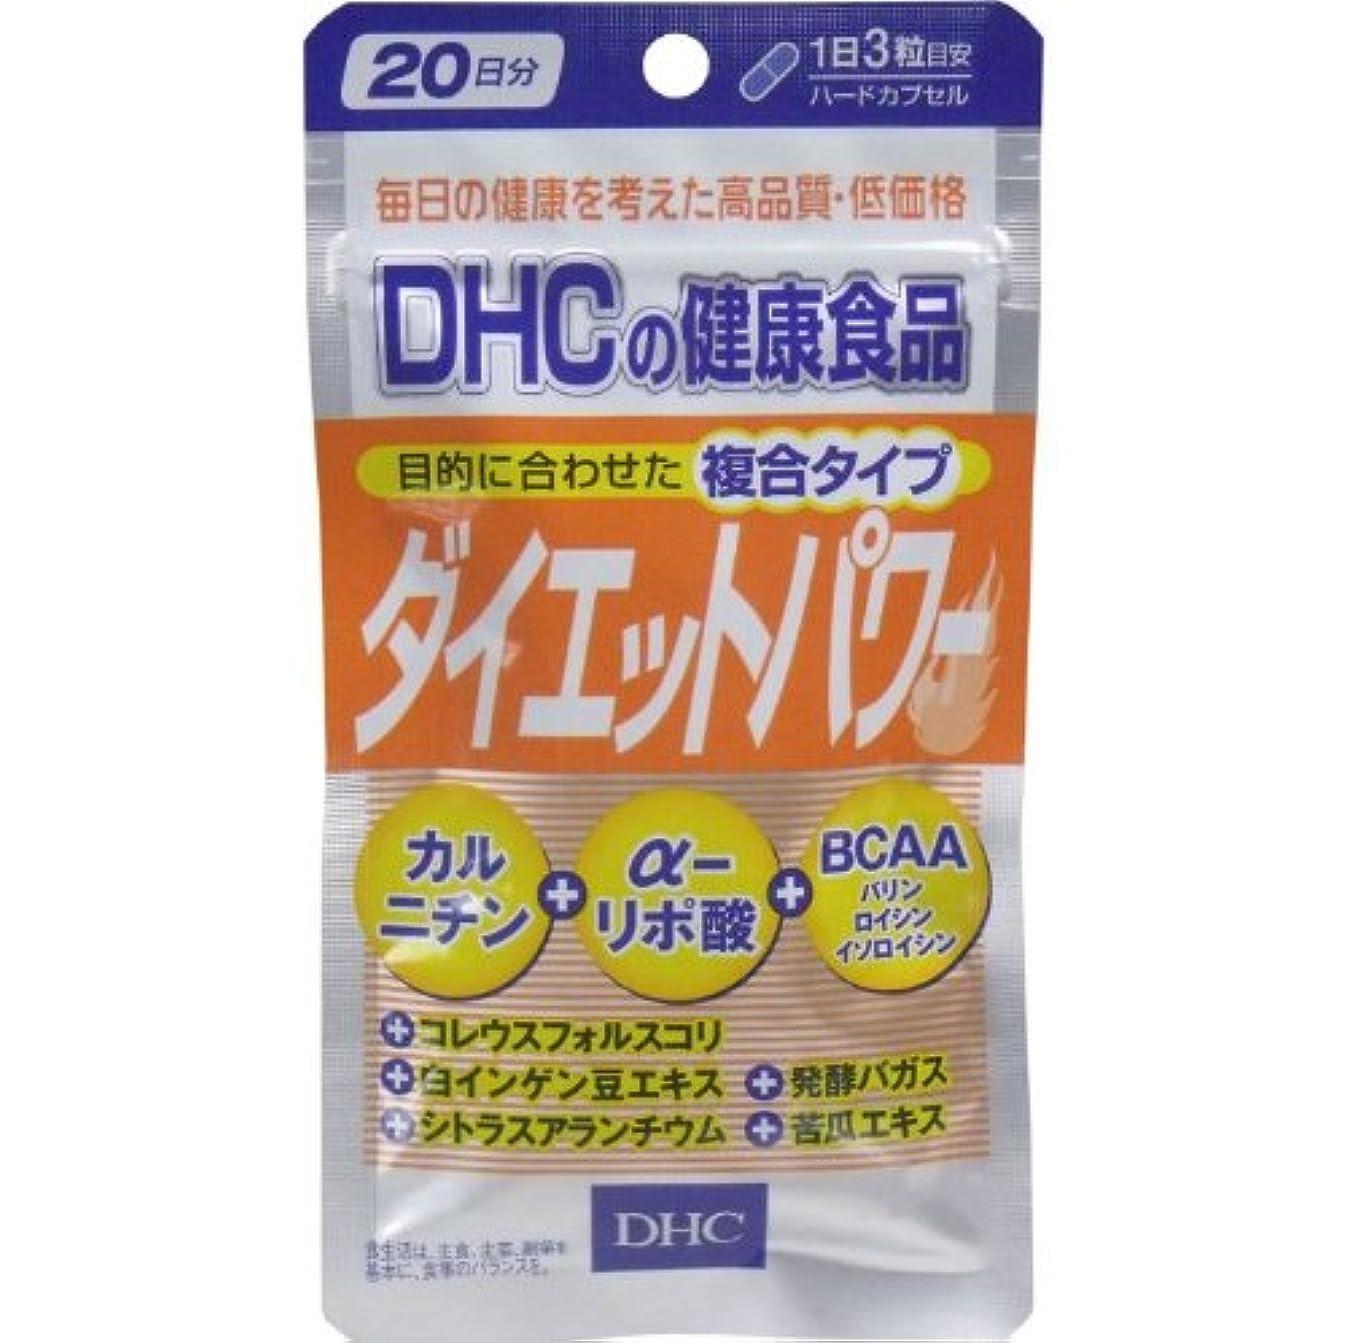 人種教会適合DHC ダイエットパワー 60粒入 20日分「3点セット」